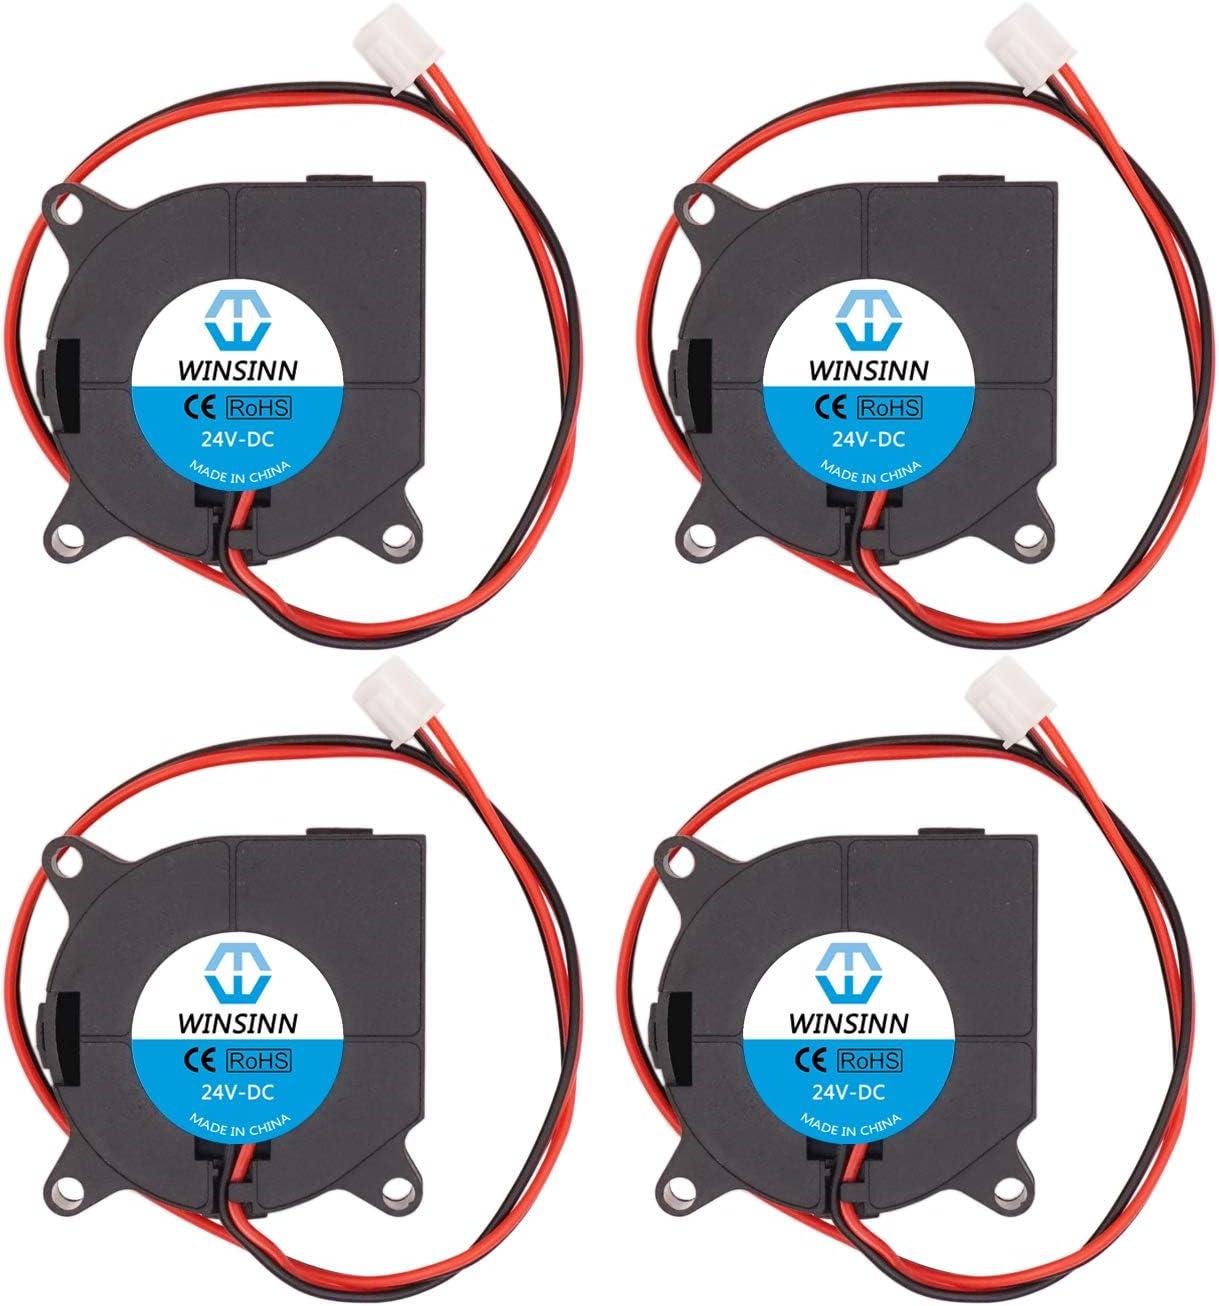 WINSINN Ventilador de 40 mm 24 V 4020 40 x 20 mm Turbine Turbo refrigeración sin escobillas para extrusora de impresora 3D Hotend – Alta velocidad (Paquete de 4 unidades)